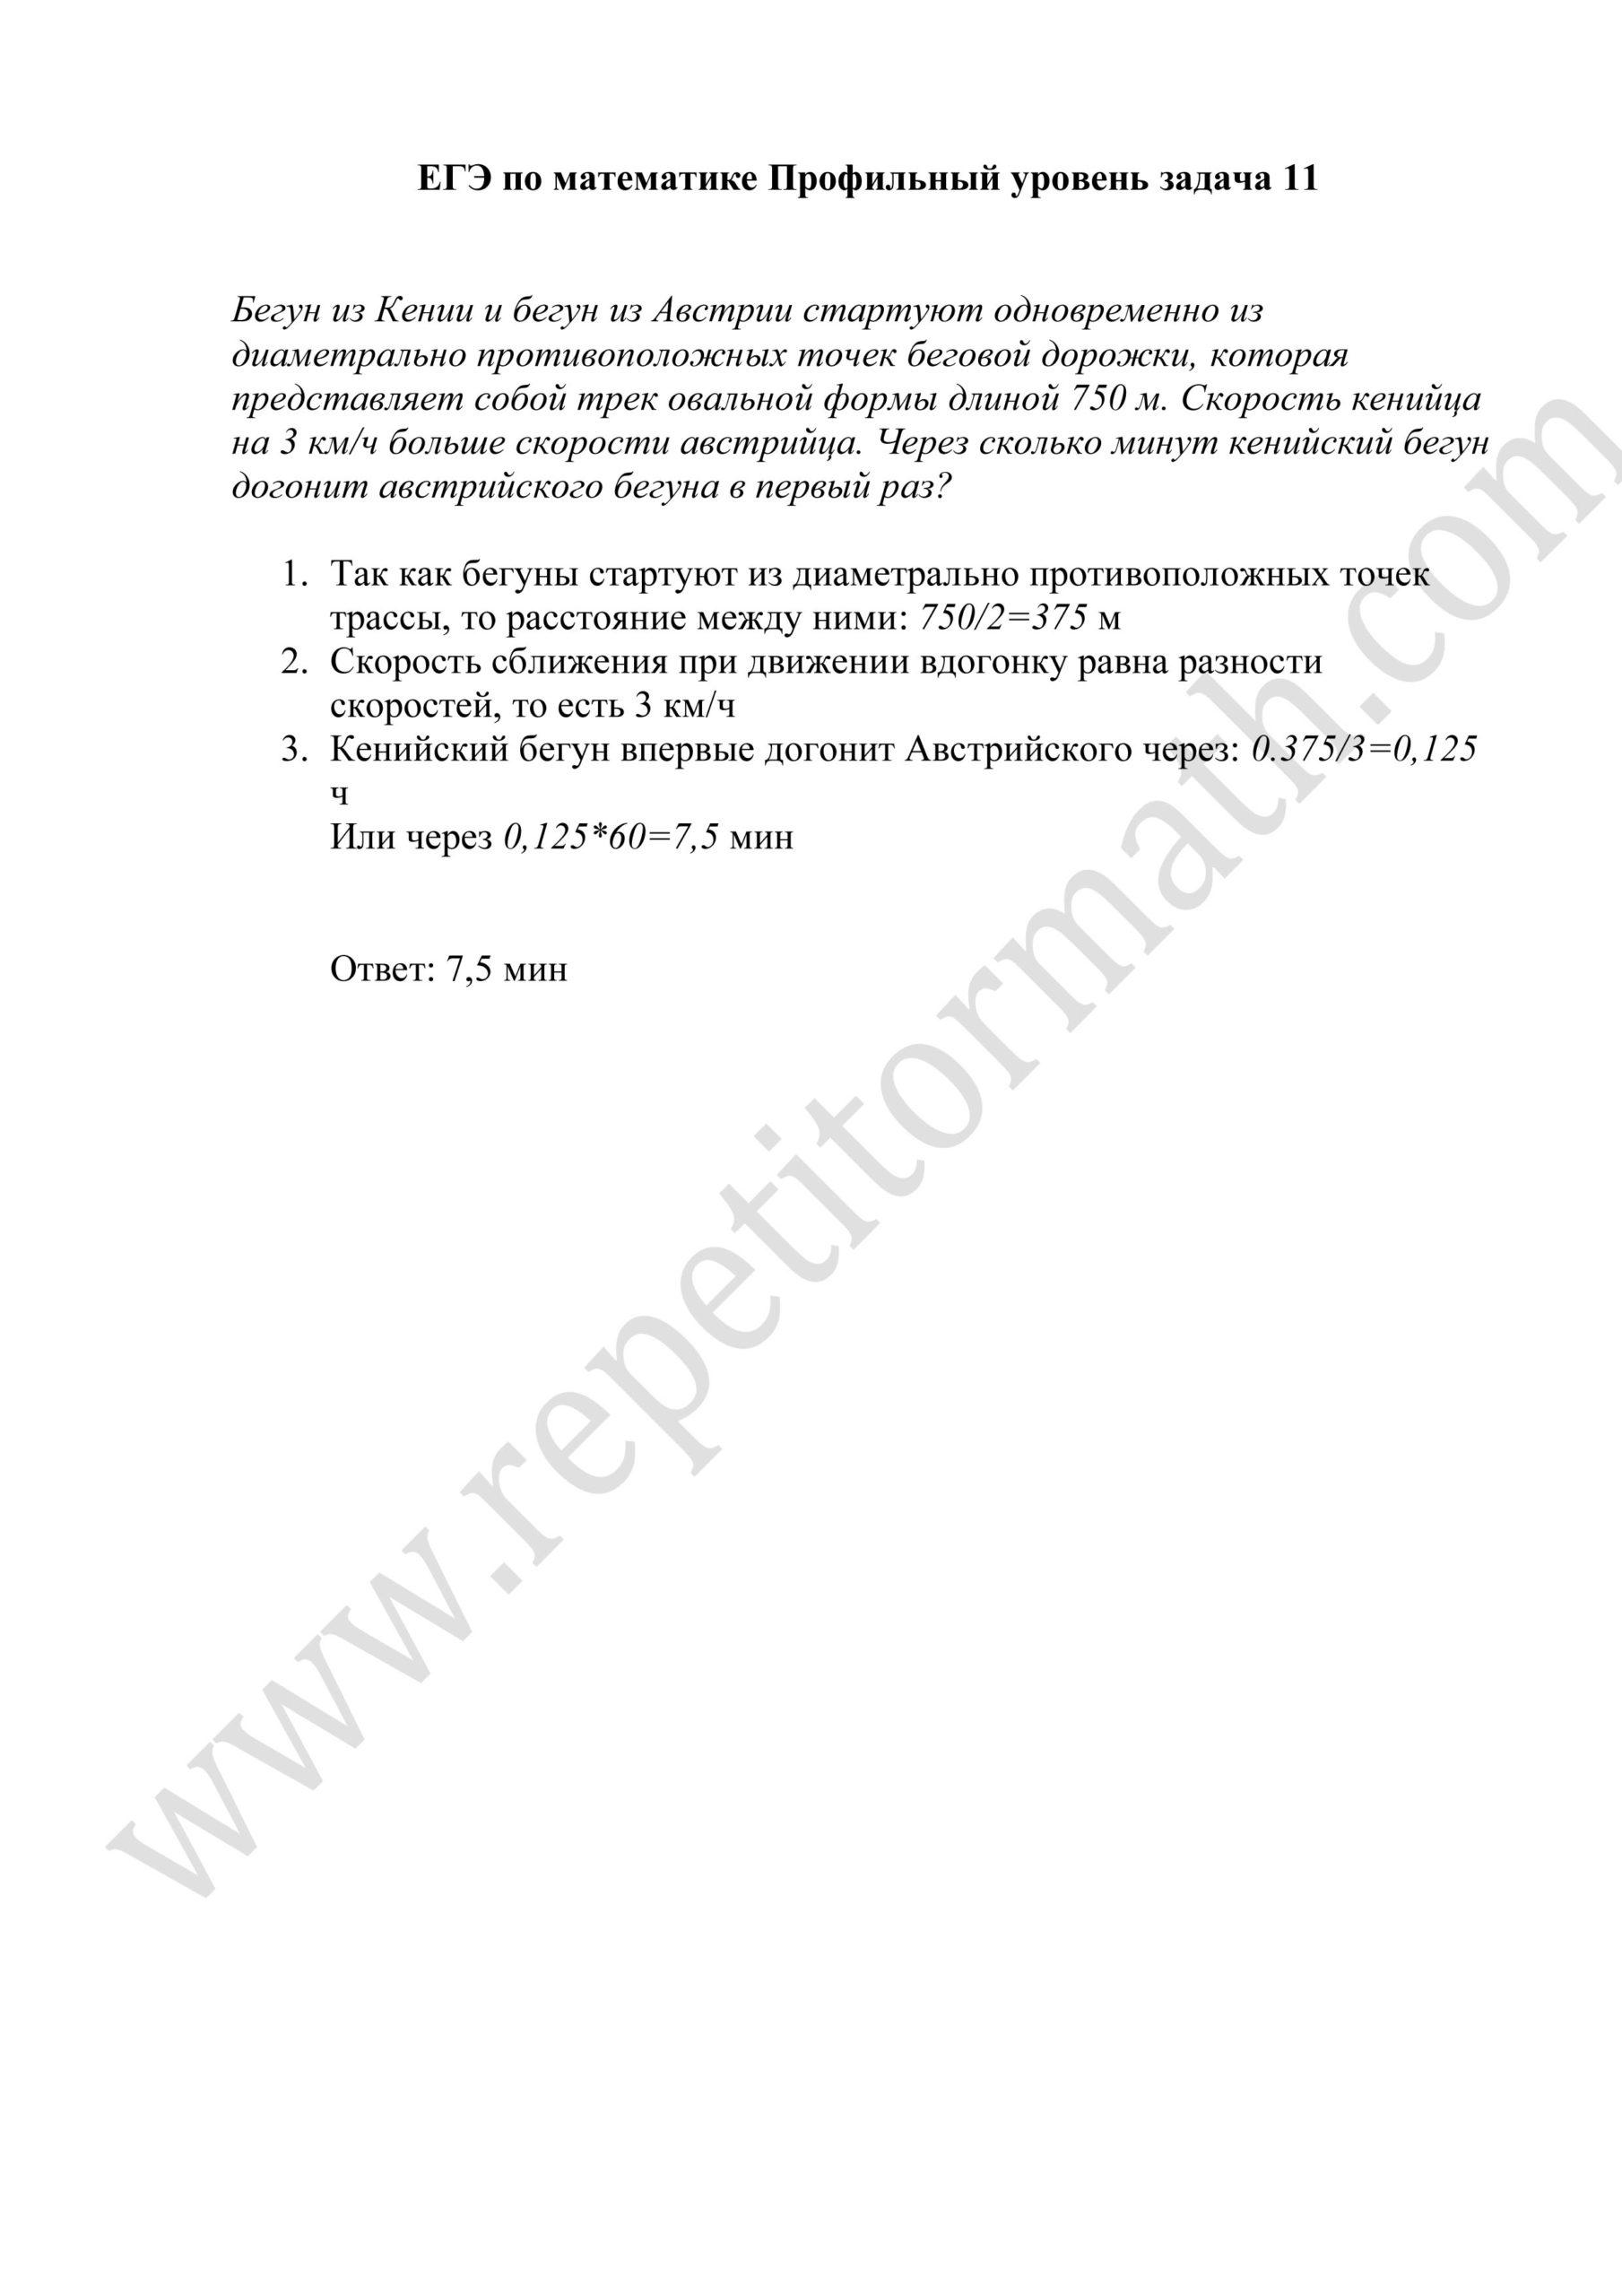 Задание №11 ЕГЭ (профильный уровень)